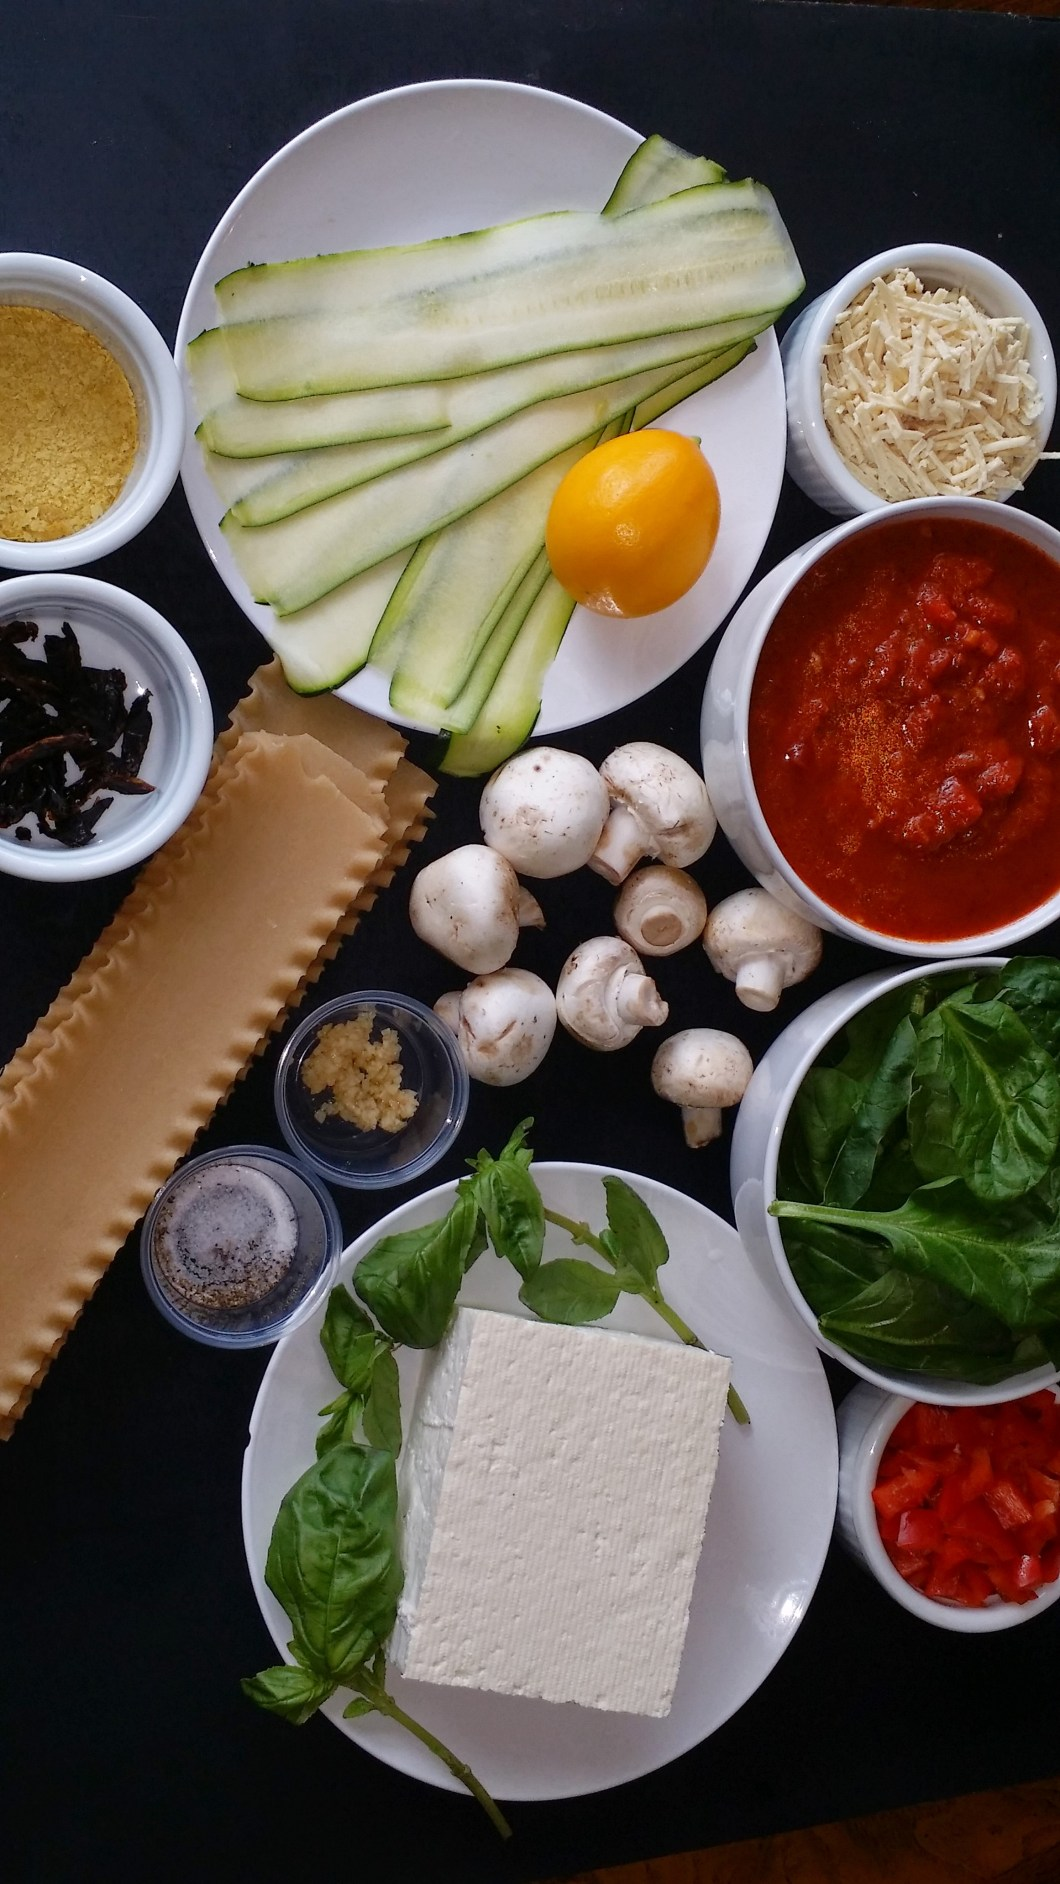 vegan and allergy safe lasagna